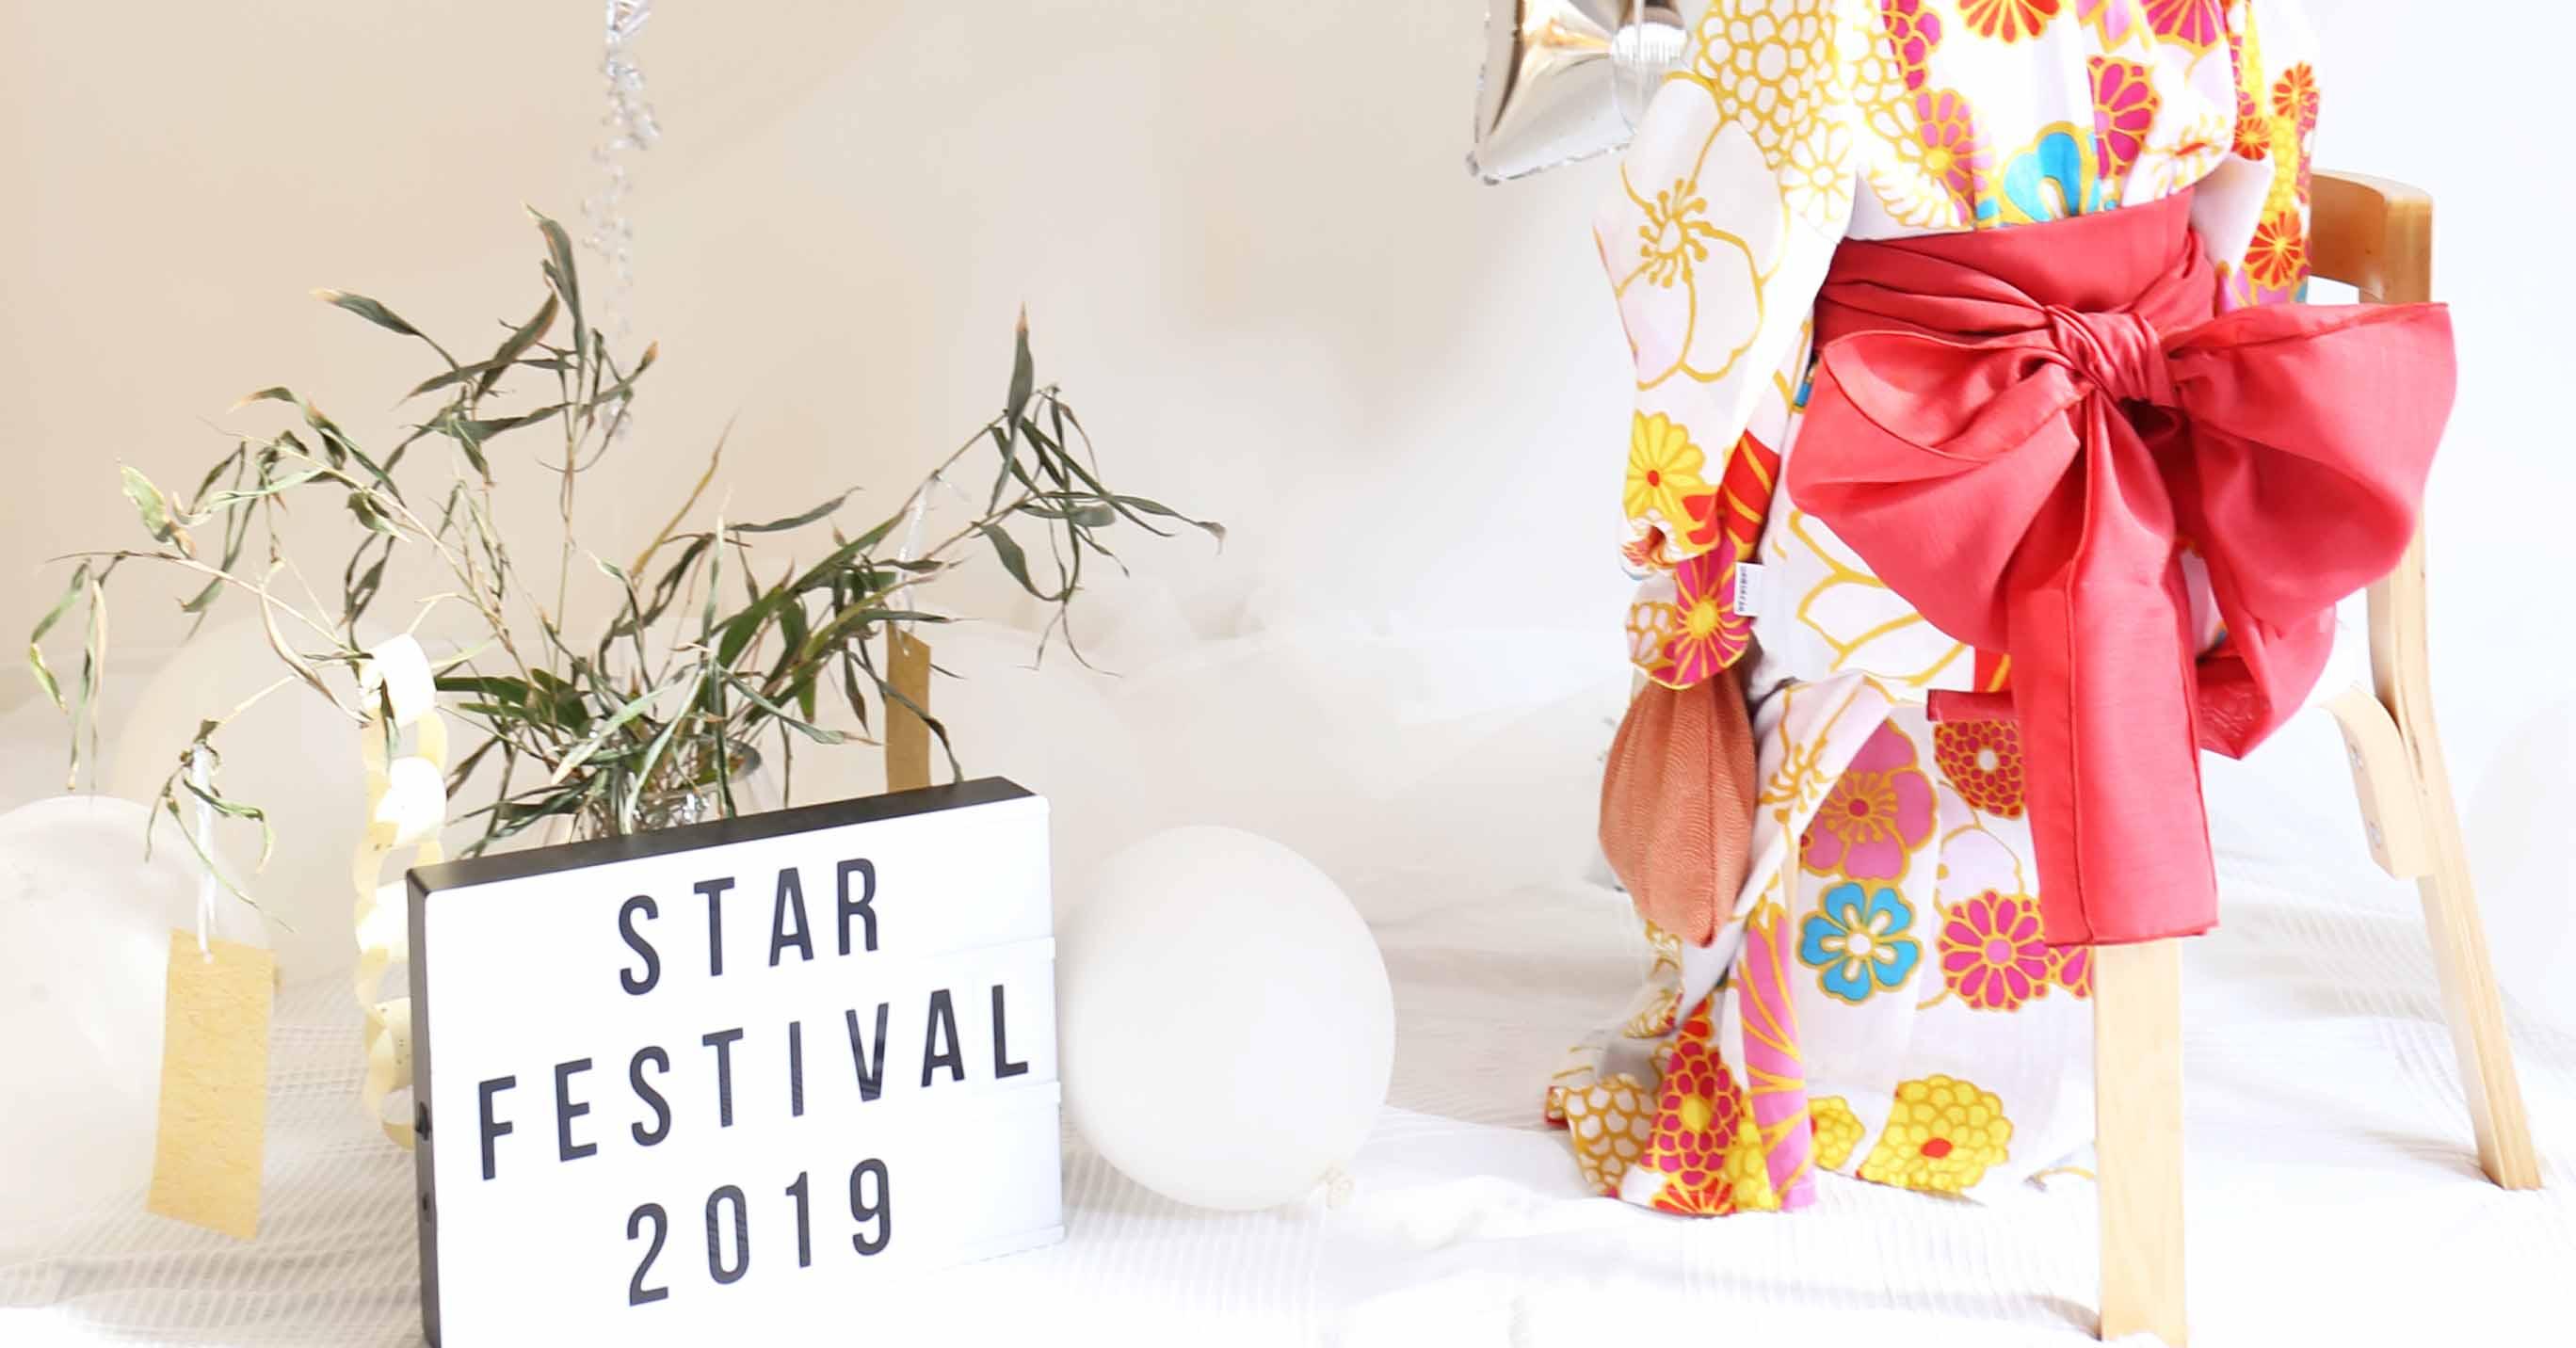 TWINKLE STAR FESTIVAL